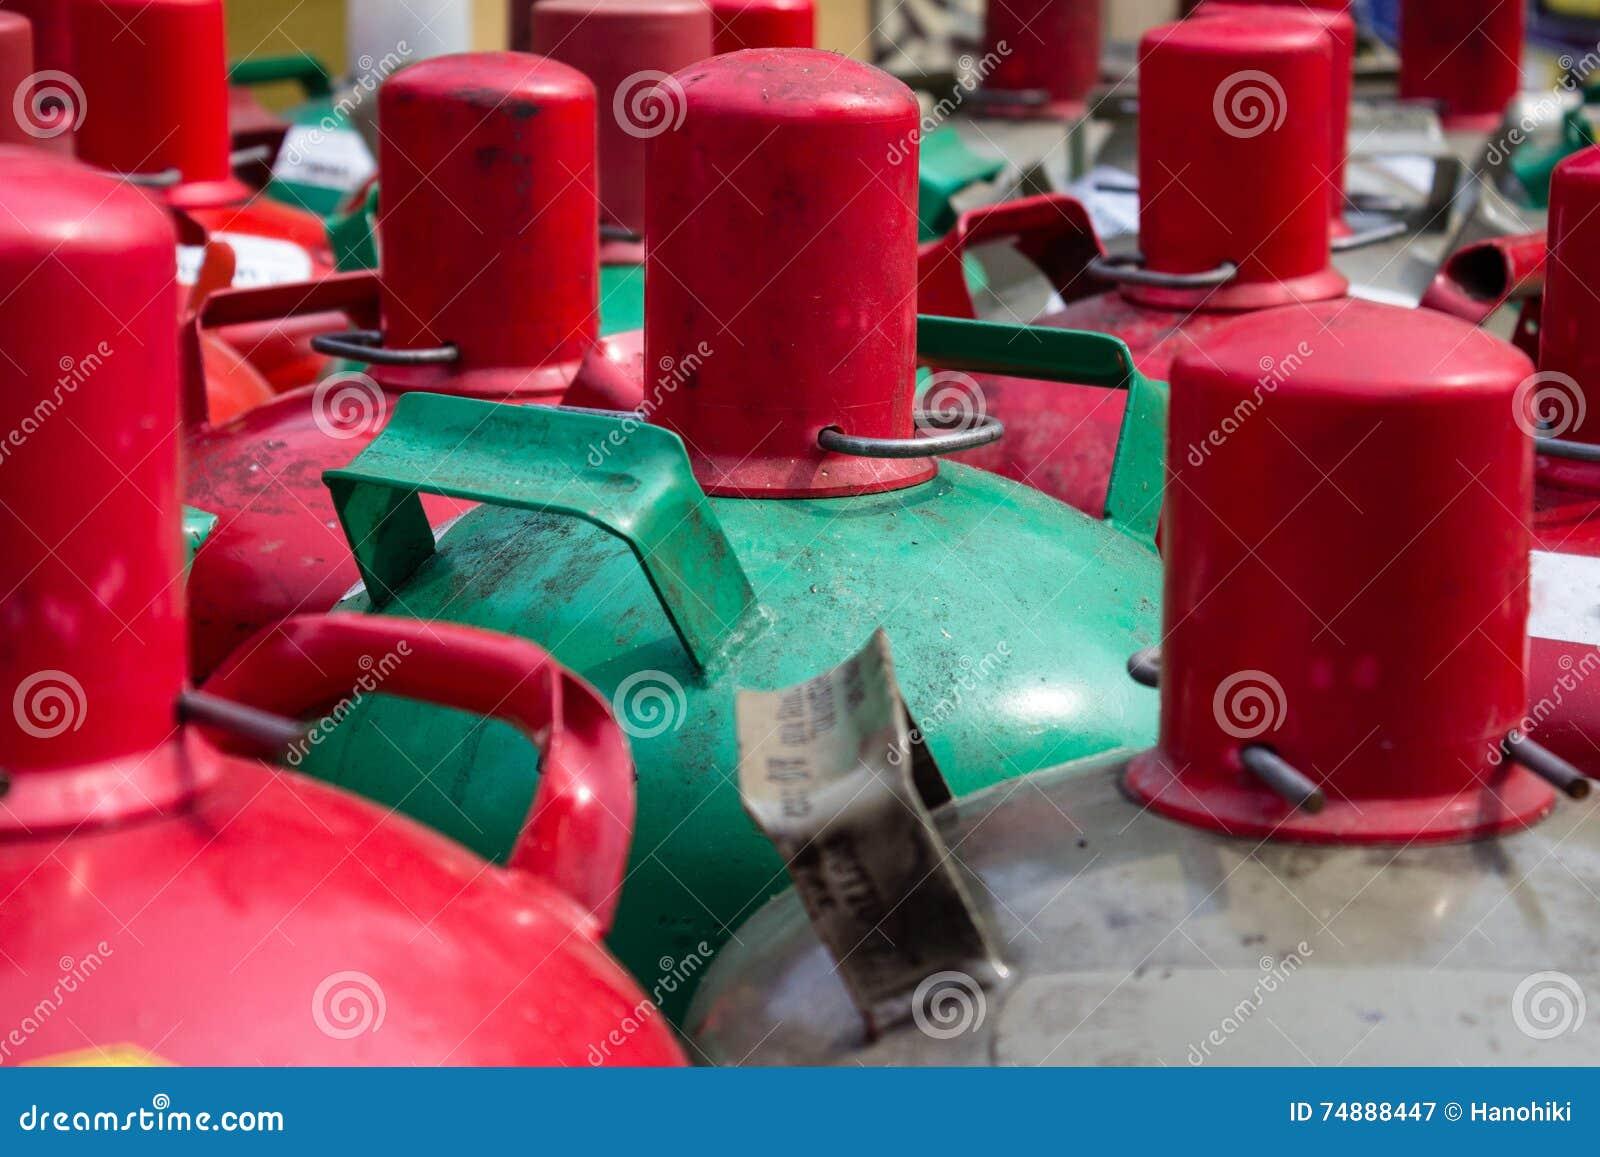 Intoxique o close up dos recipientes - grupo de garrafas de gás